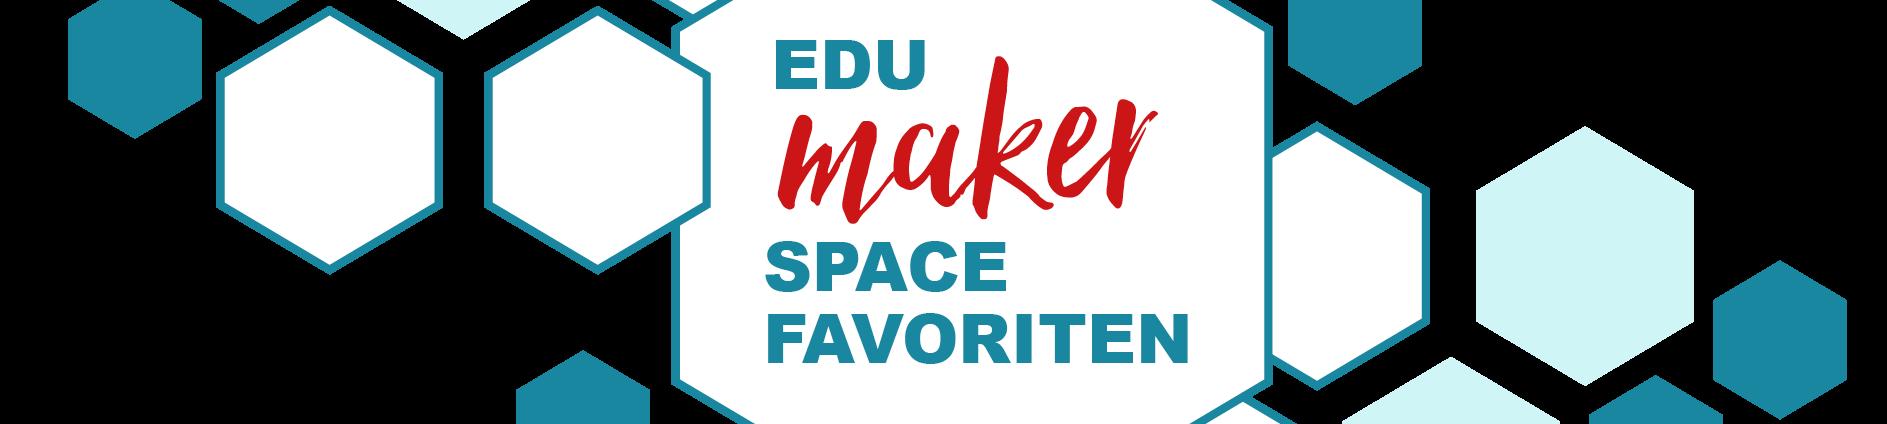 Edu Makerspace